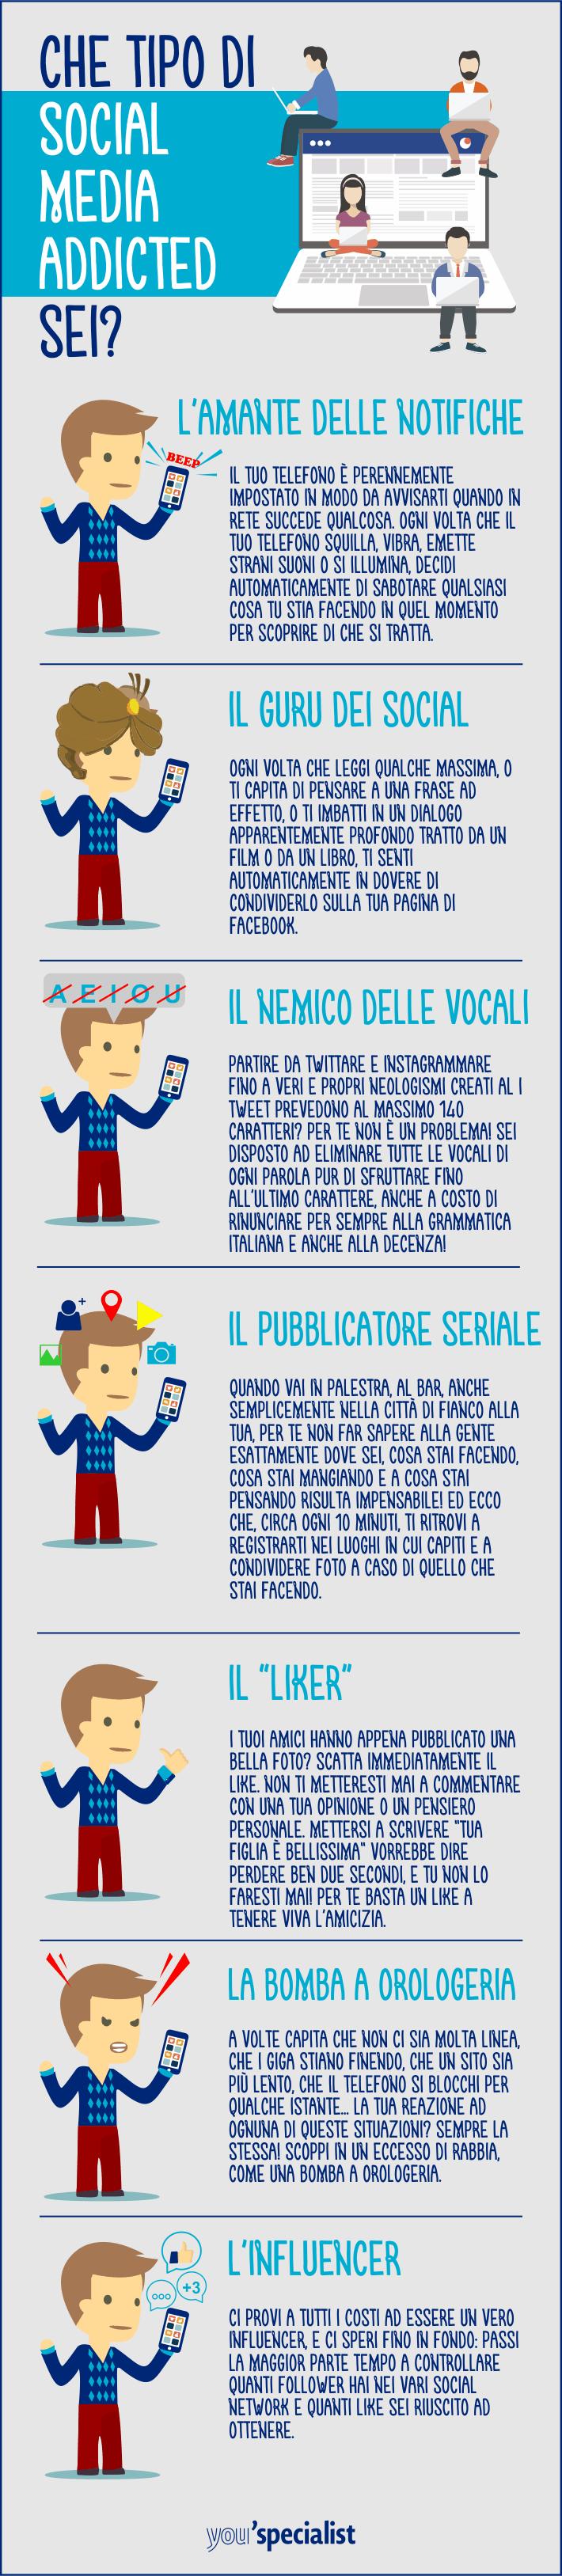 dipendenza da social media, infografica